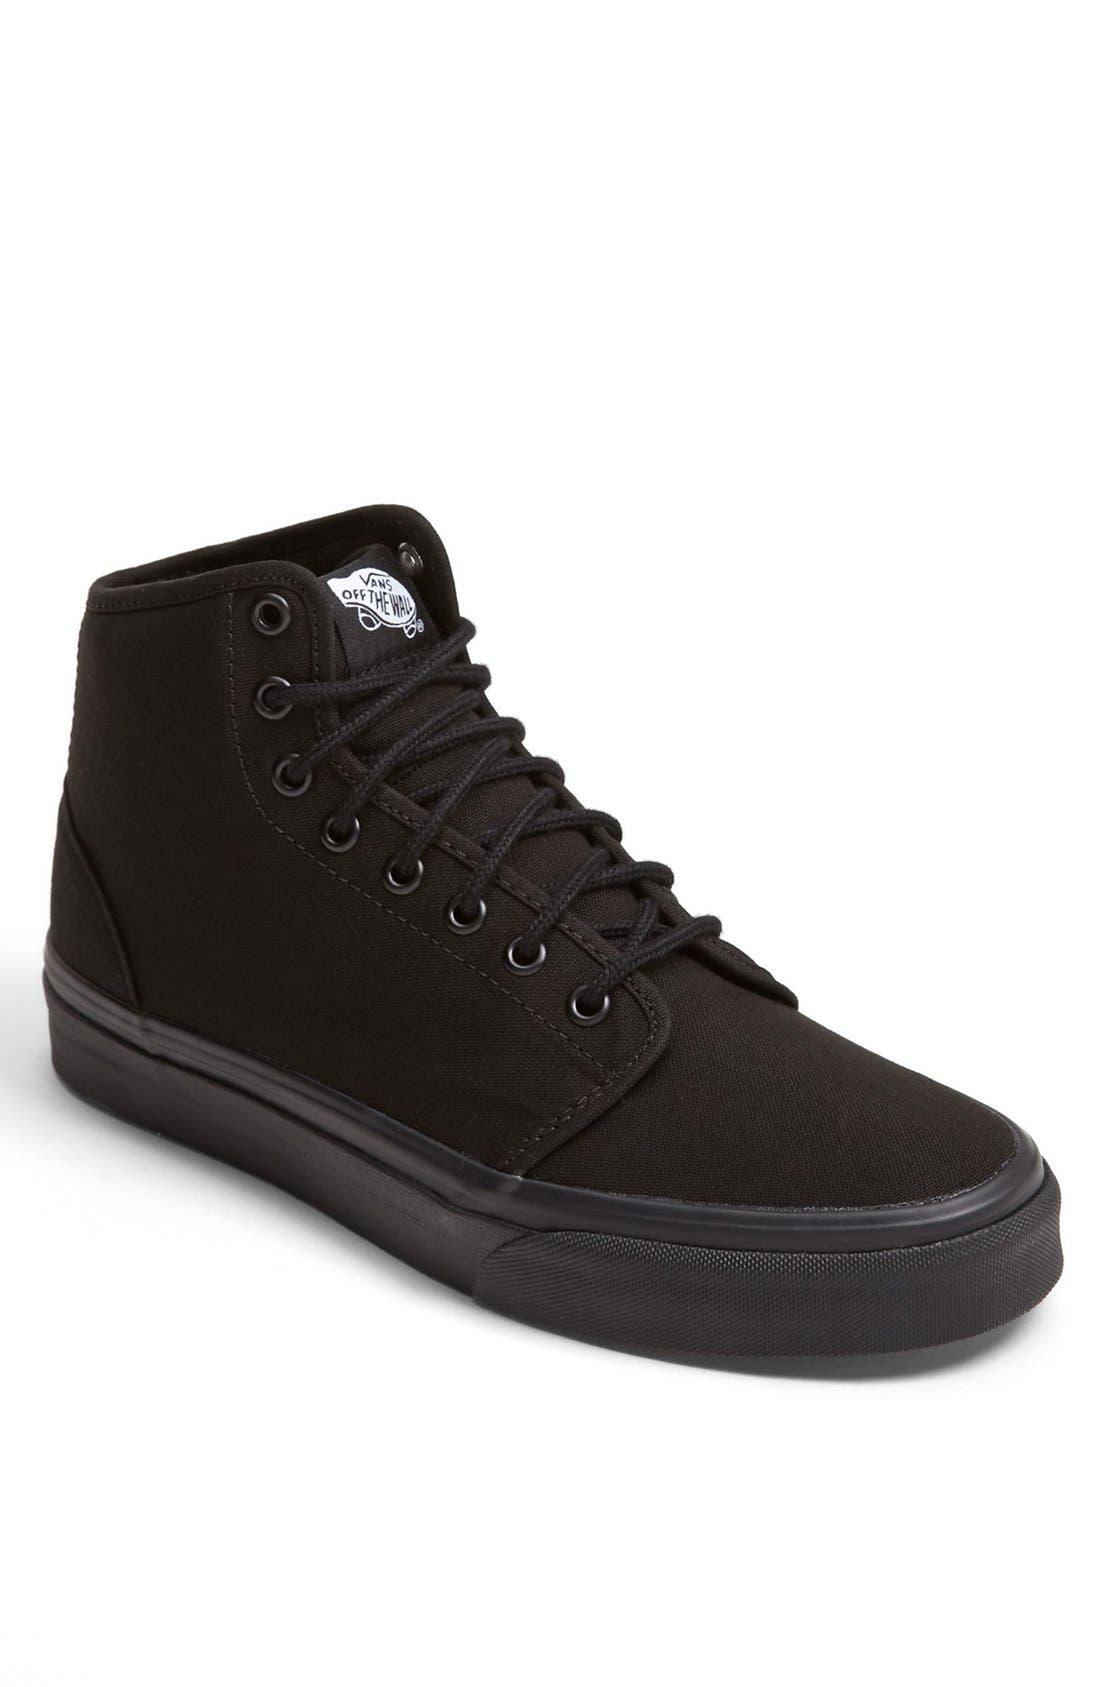 Alternate Image 1 Selected - Vans '106 HI' Sneaker (Men)